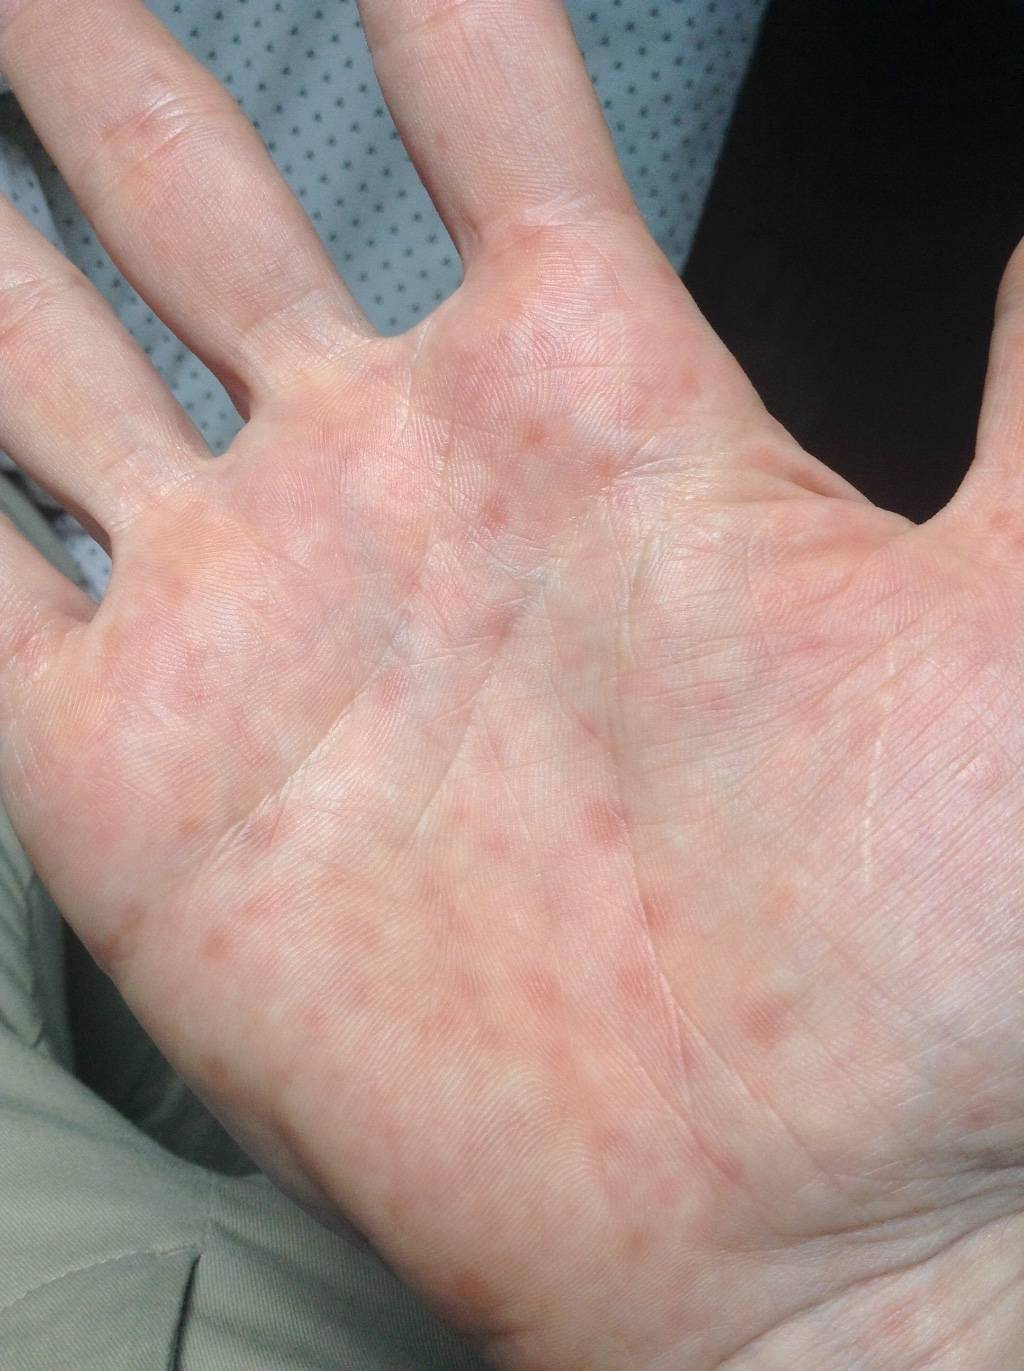 Чесоточный клещ у человека. фото, симптомы, лечение в домашних условиях